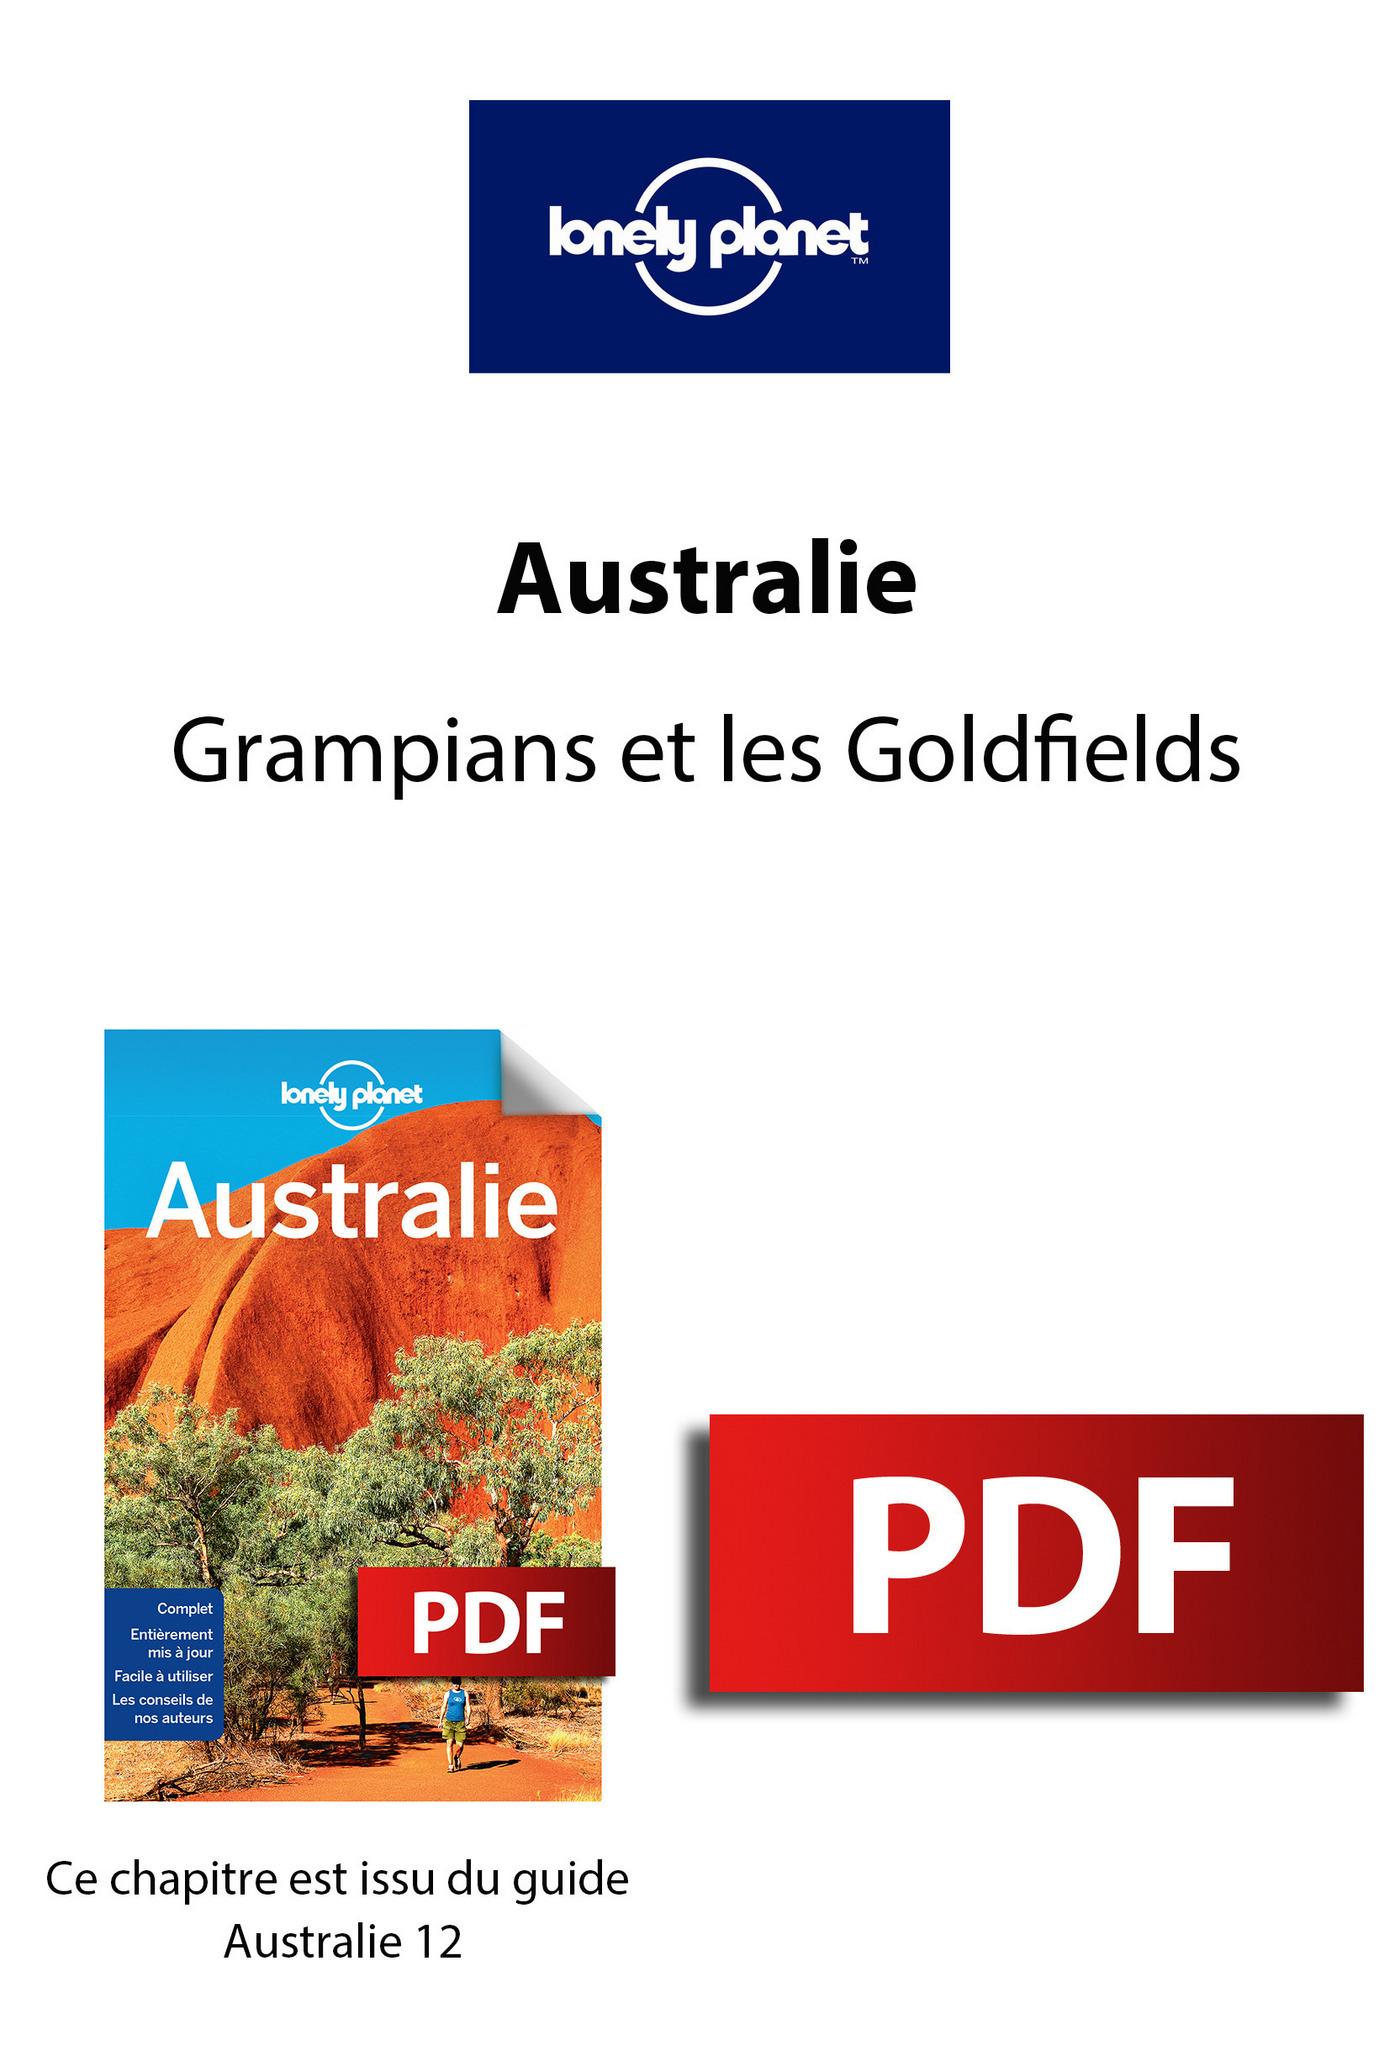 Australie - Grampians et les Goldfields